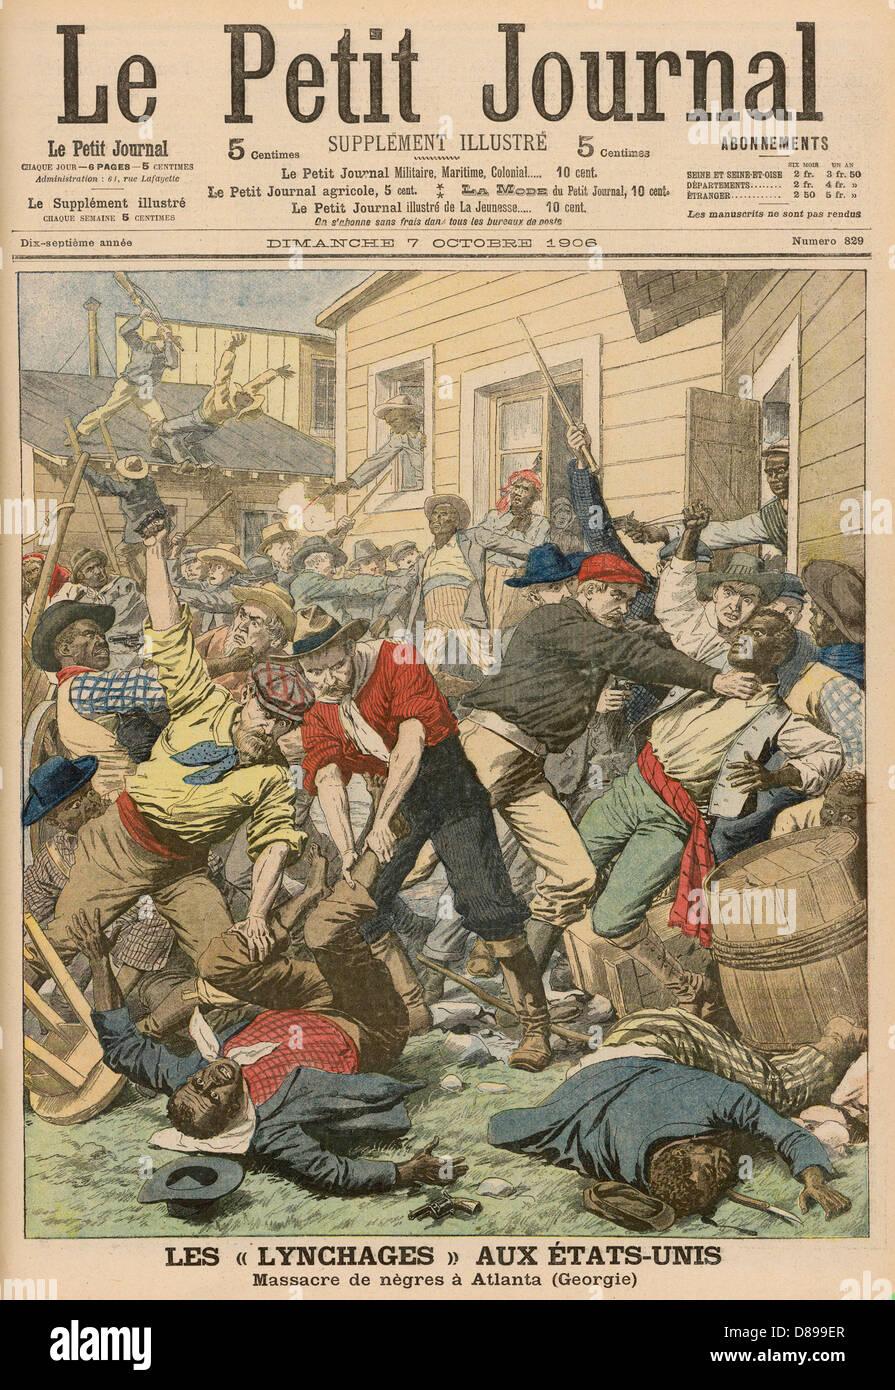 Atlanta Race Riots 1906 - Stock Image